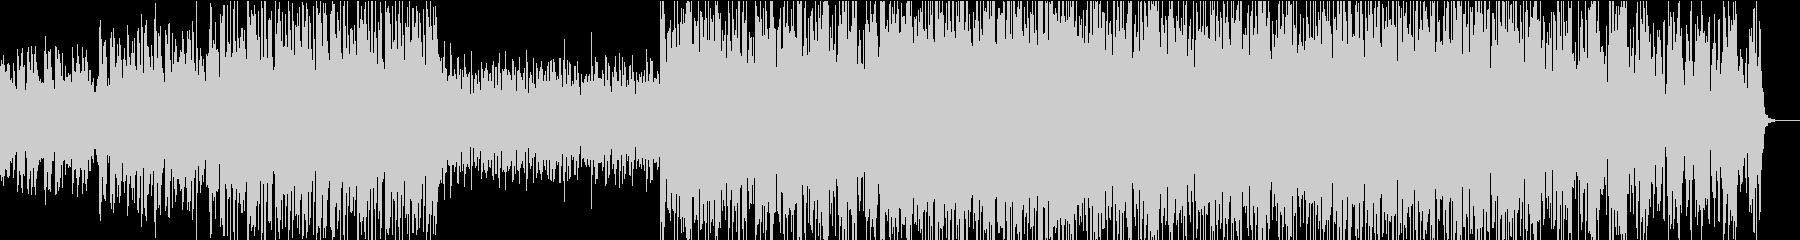 ピアノ主体のテクノポップの未再生の波形